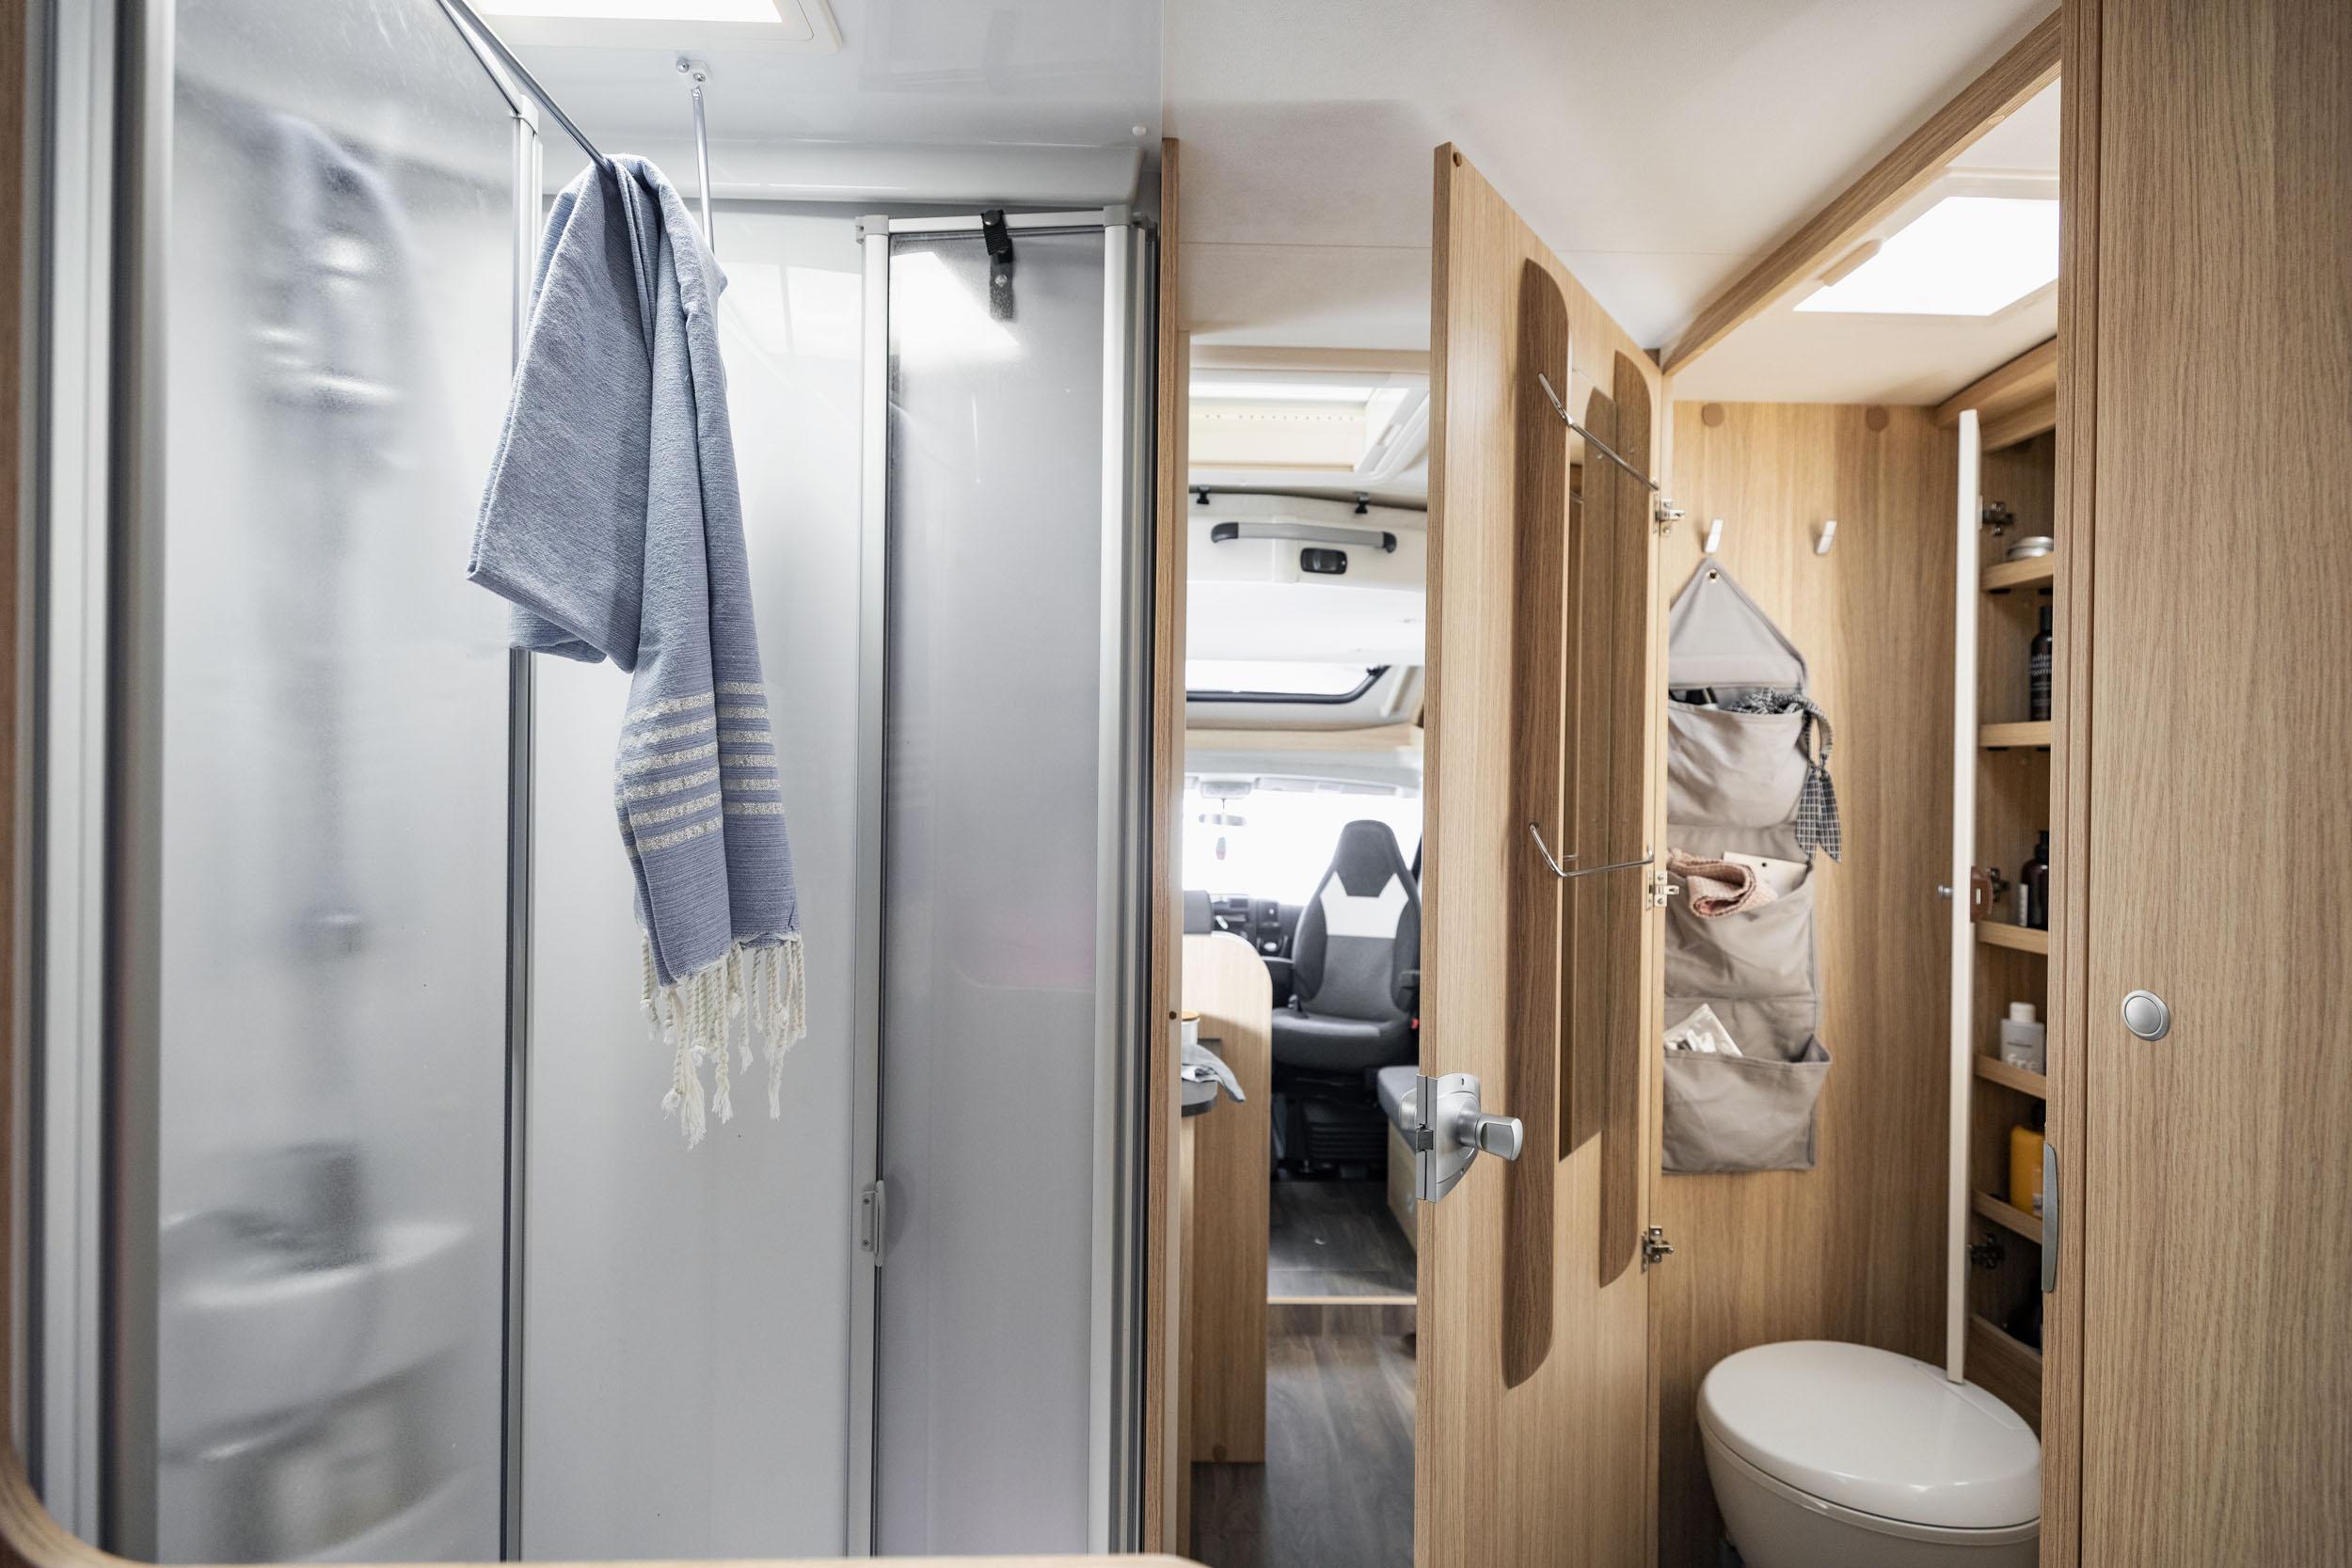 Comfort Luxury bad og toalett